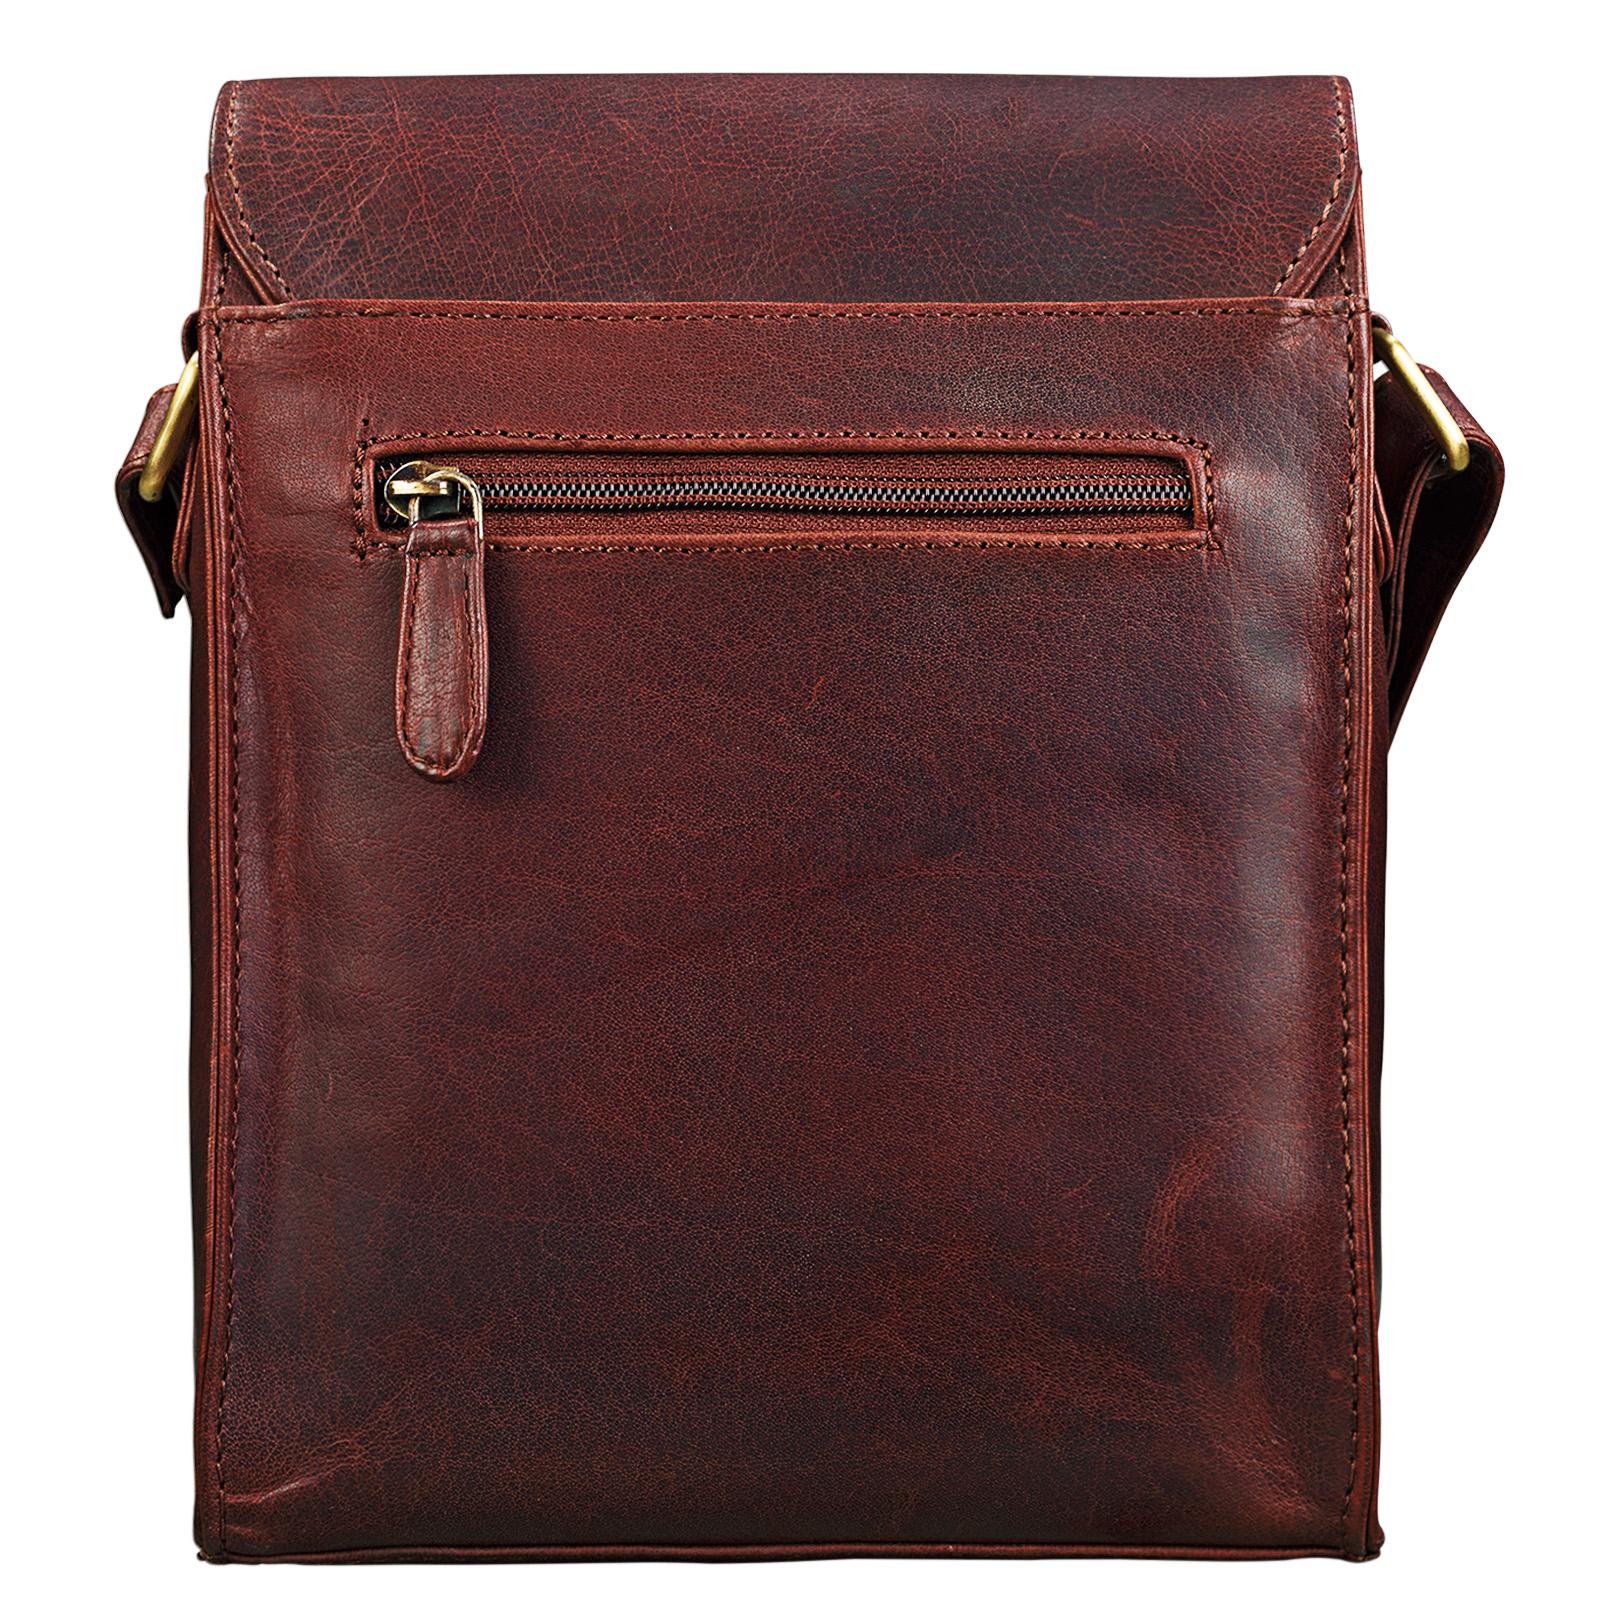 """STILORD """"Kilian"""" Vintage Umhängetasche Leder klein Unisex Messenger Bag für 8,4 Zoll Tablets Schultertasche Herren Damen echtes Leder - Bild 6"""